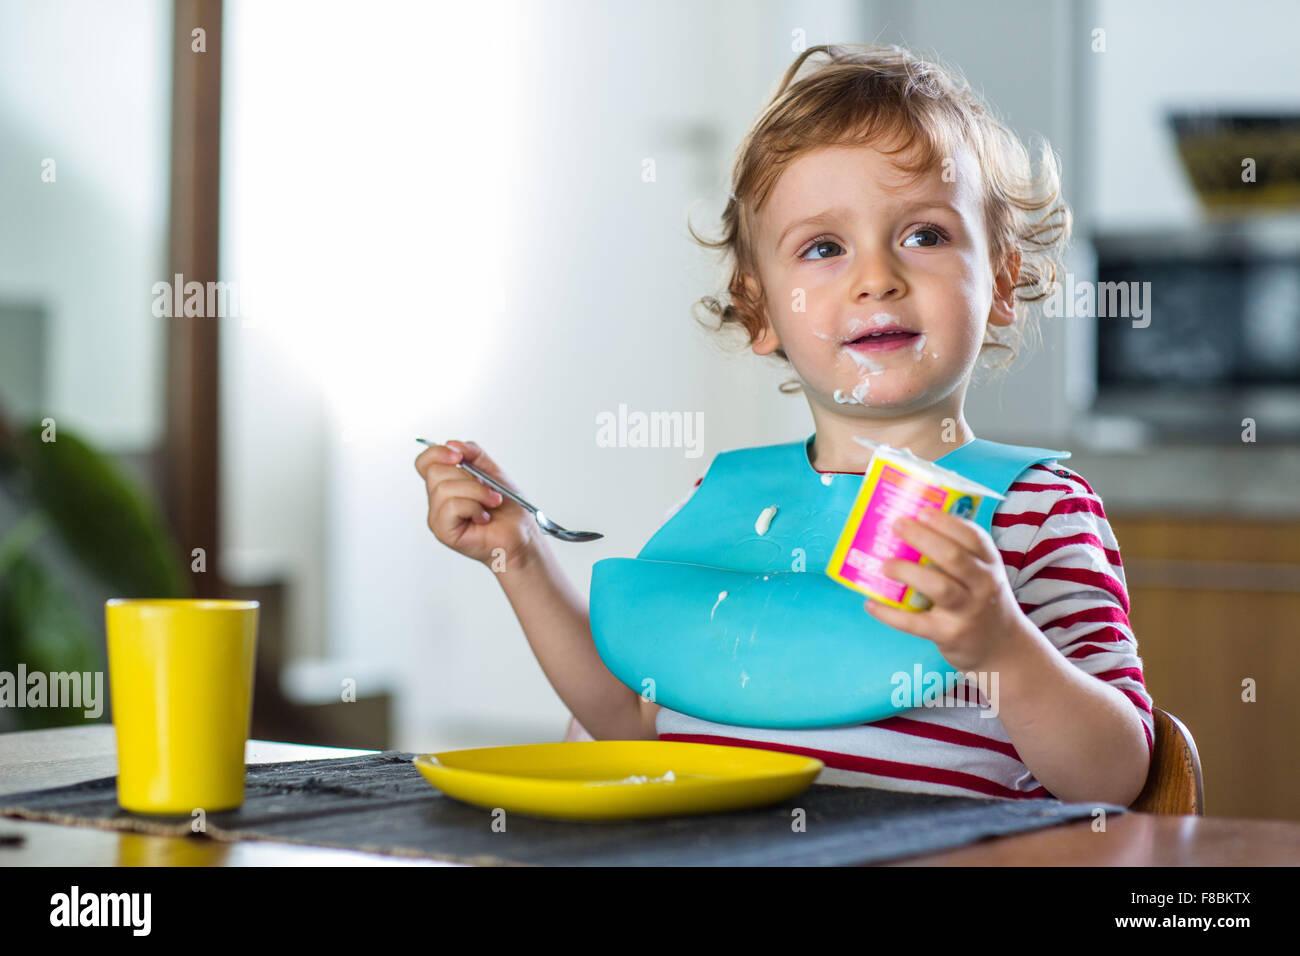 2 años de edad, comiendo un yogur. Foto de stock